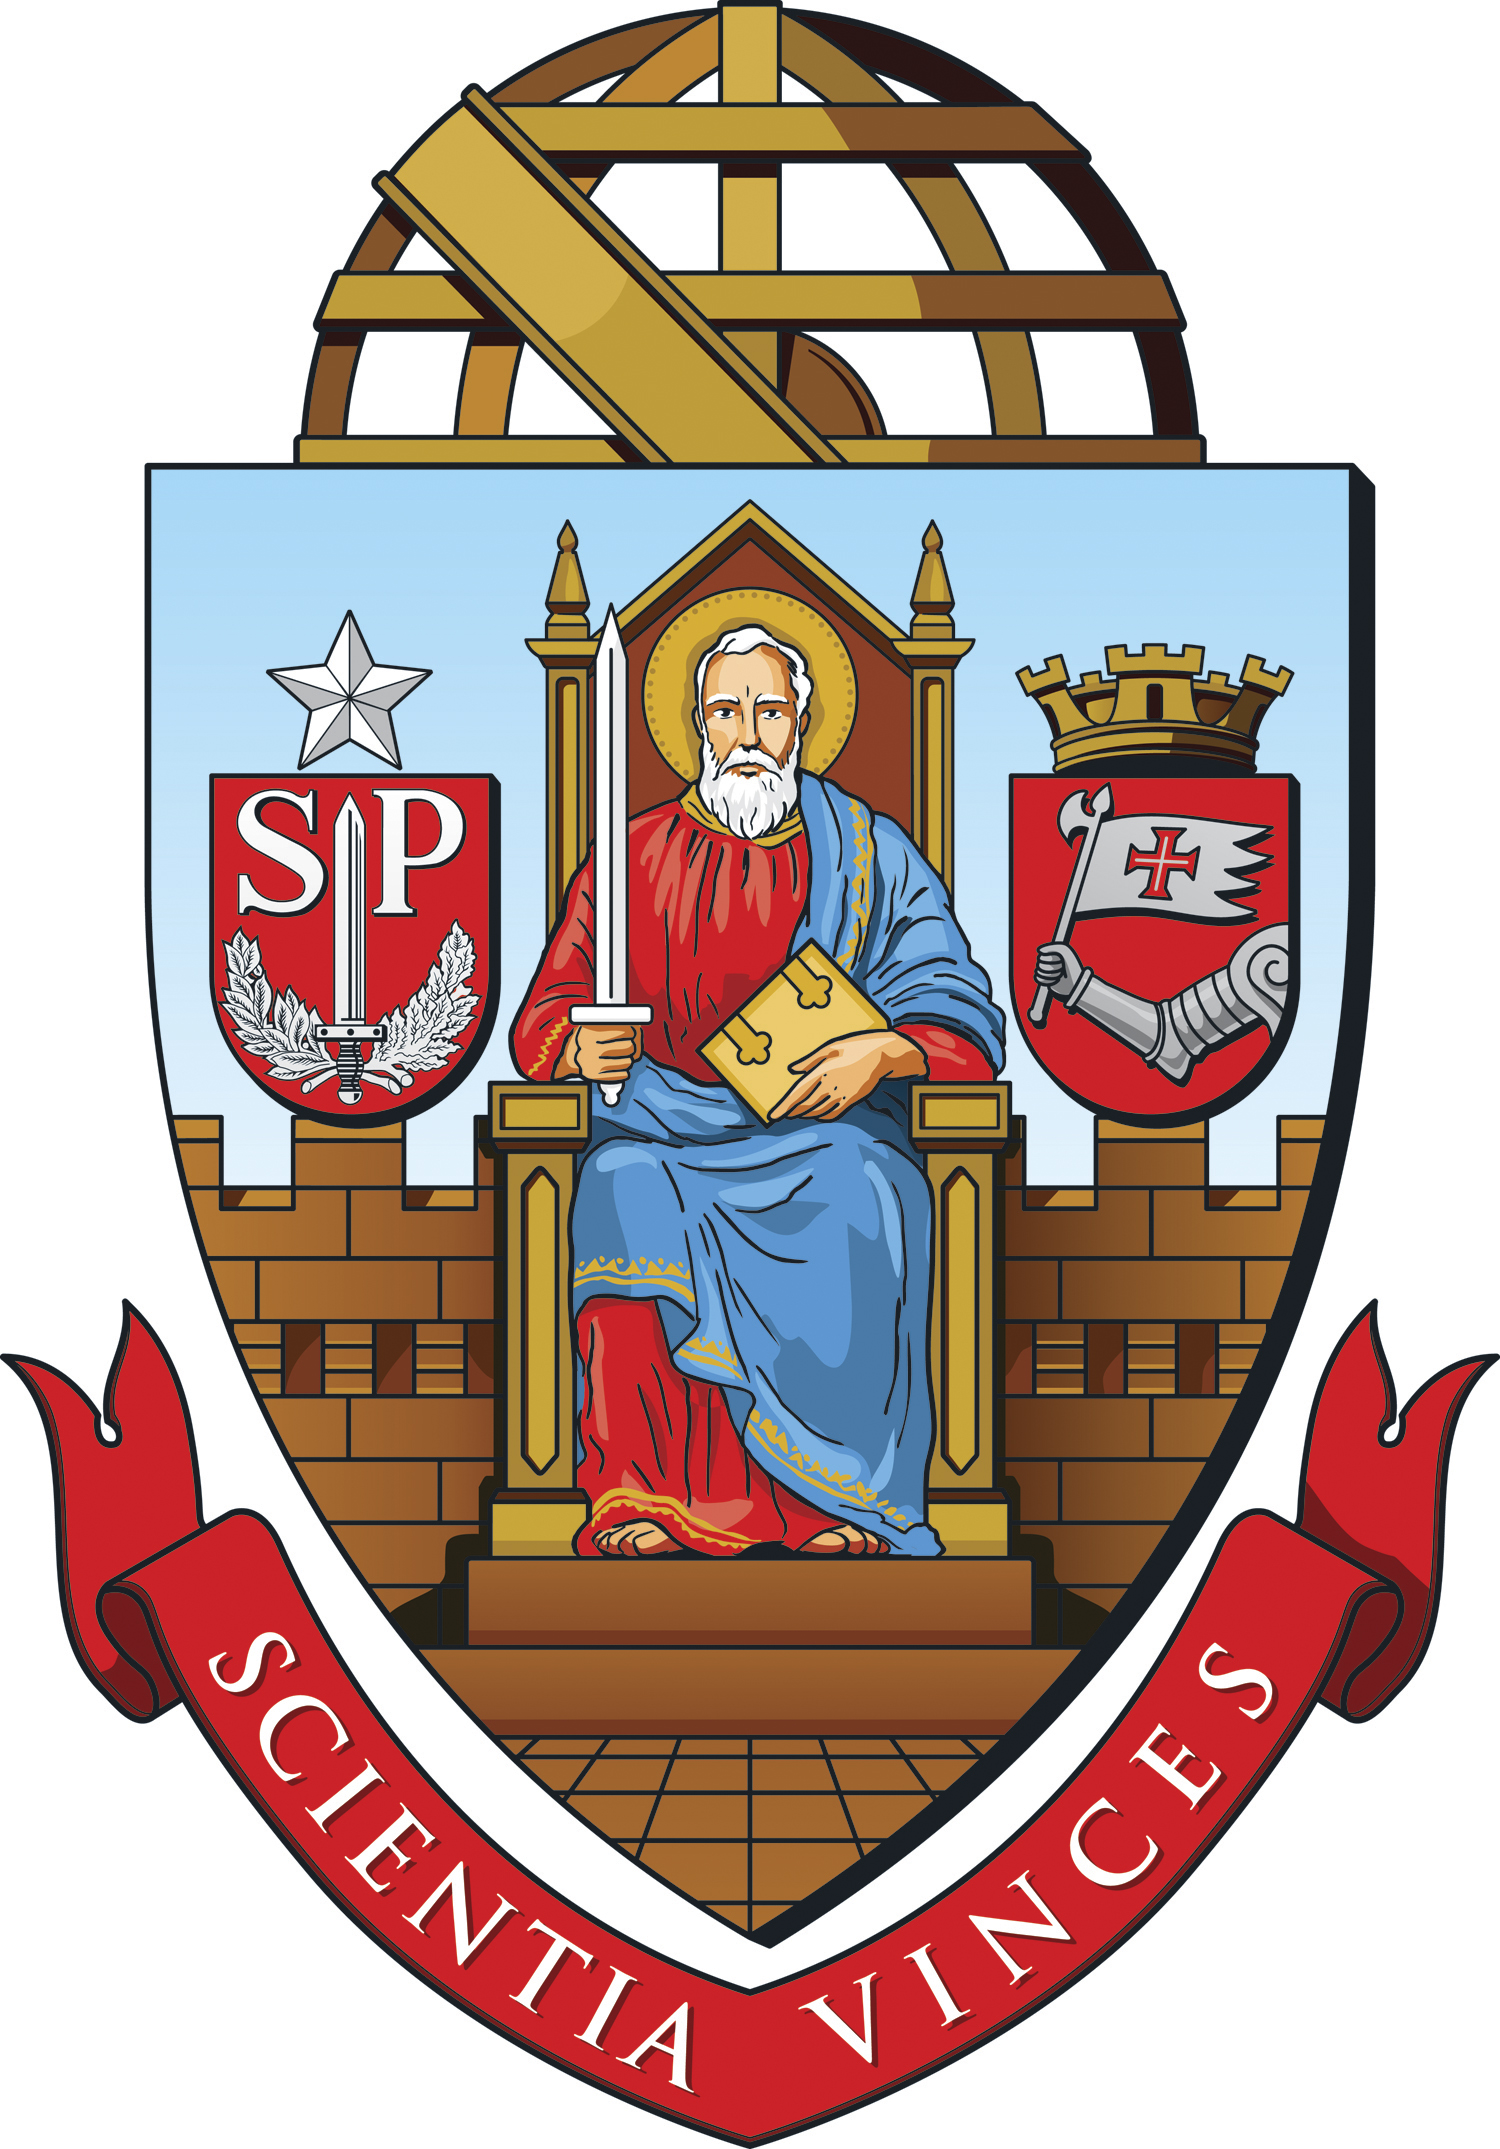 USP bresil logo